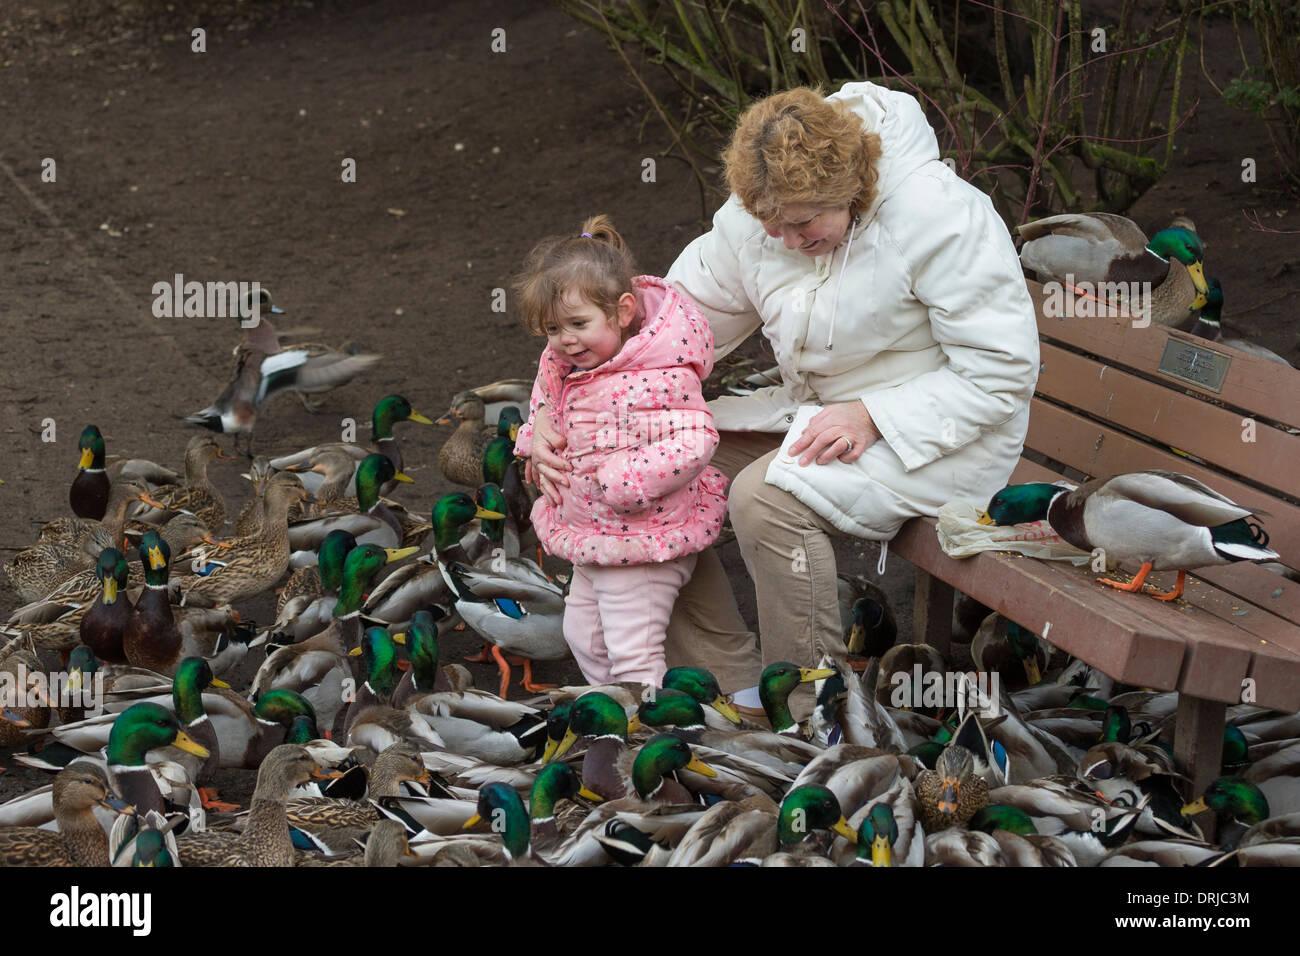 Abuela y nieta materna de duckpond patos en Victoria, British Columbia, Canadá. Imagen De Stock